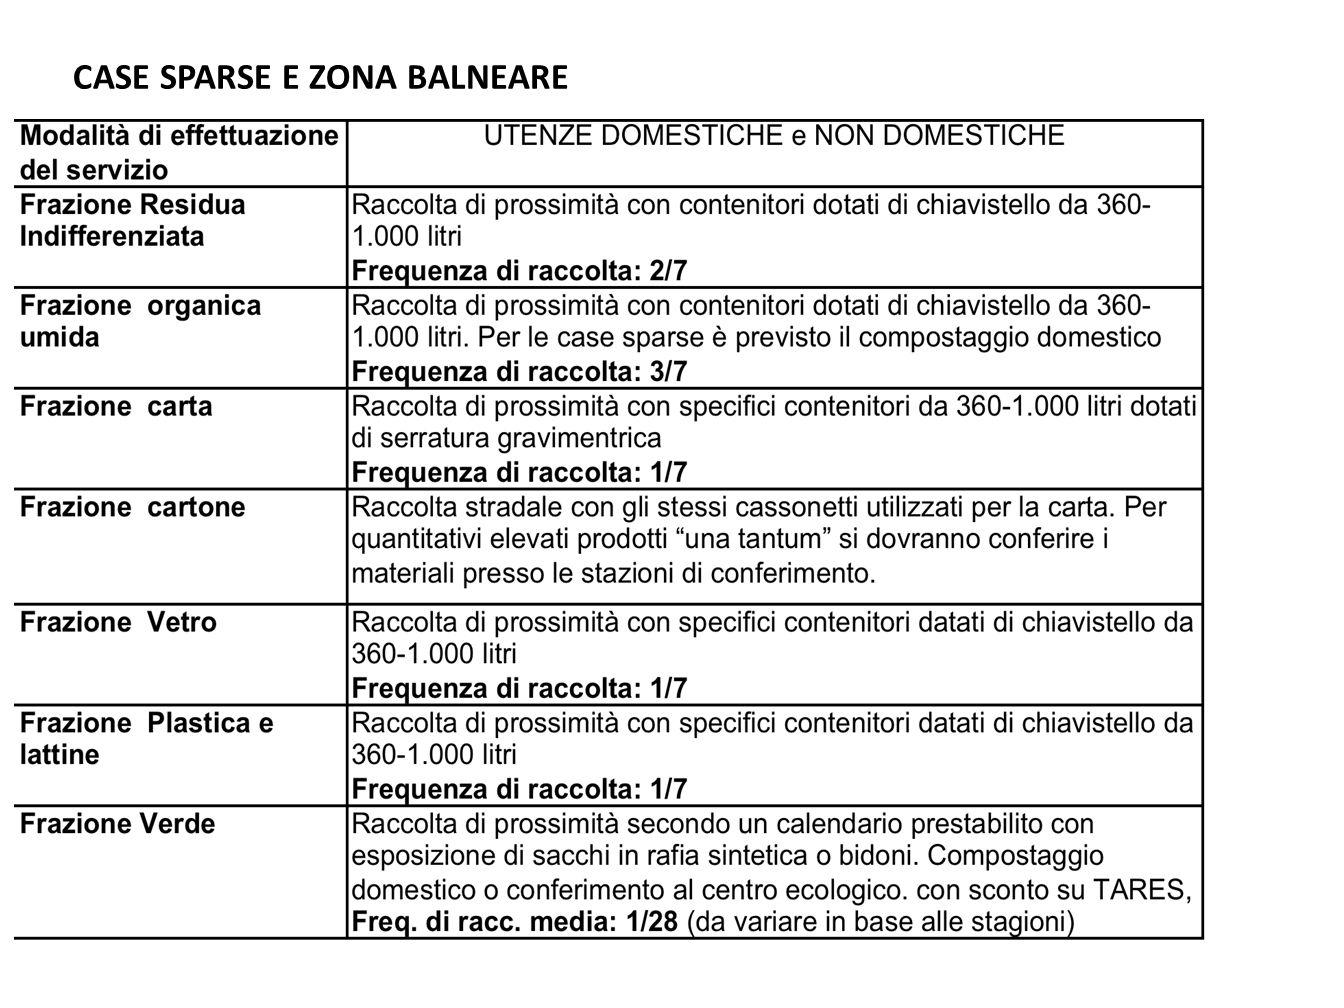 CASE SPARSE E ZONA BALNEARE